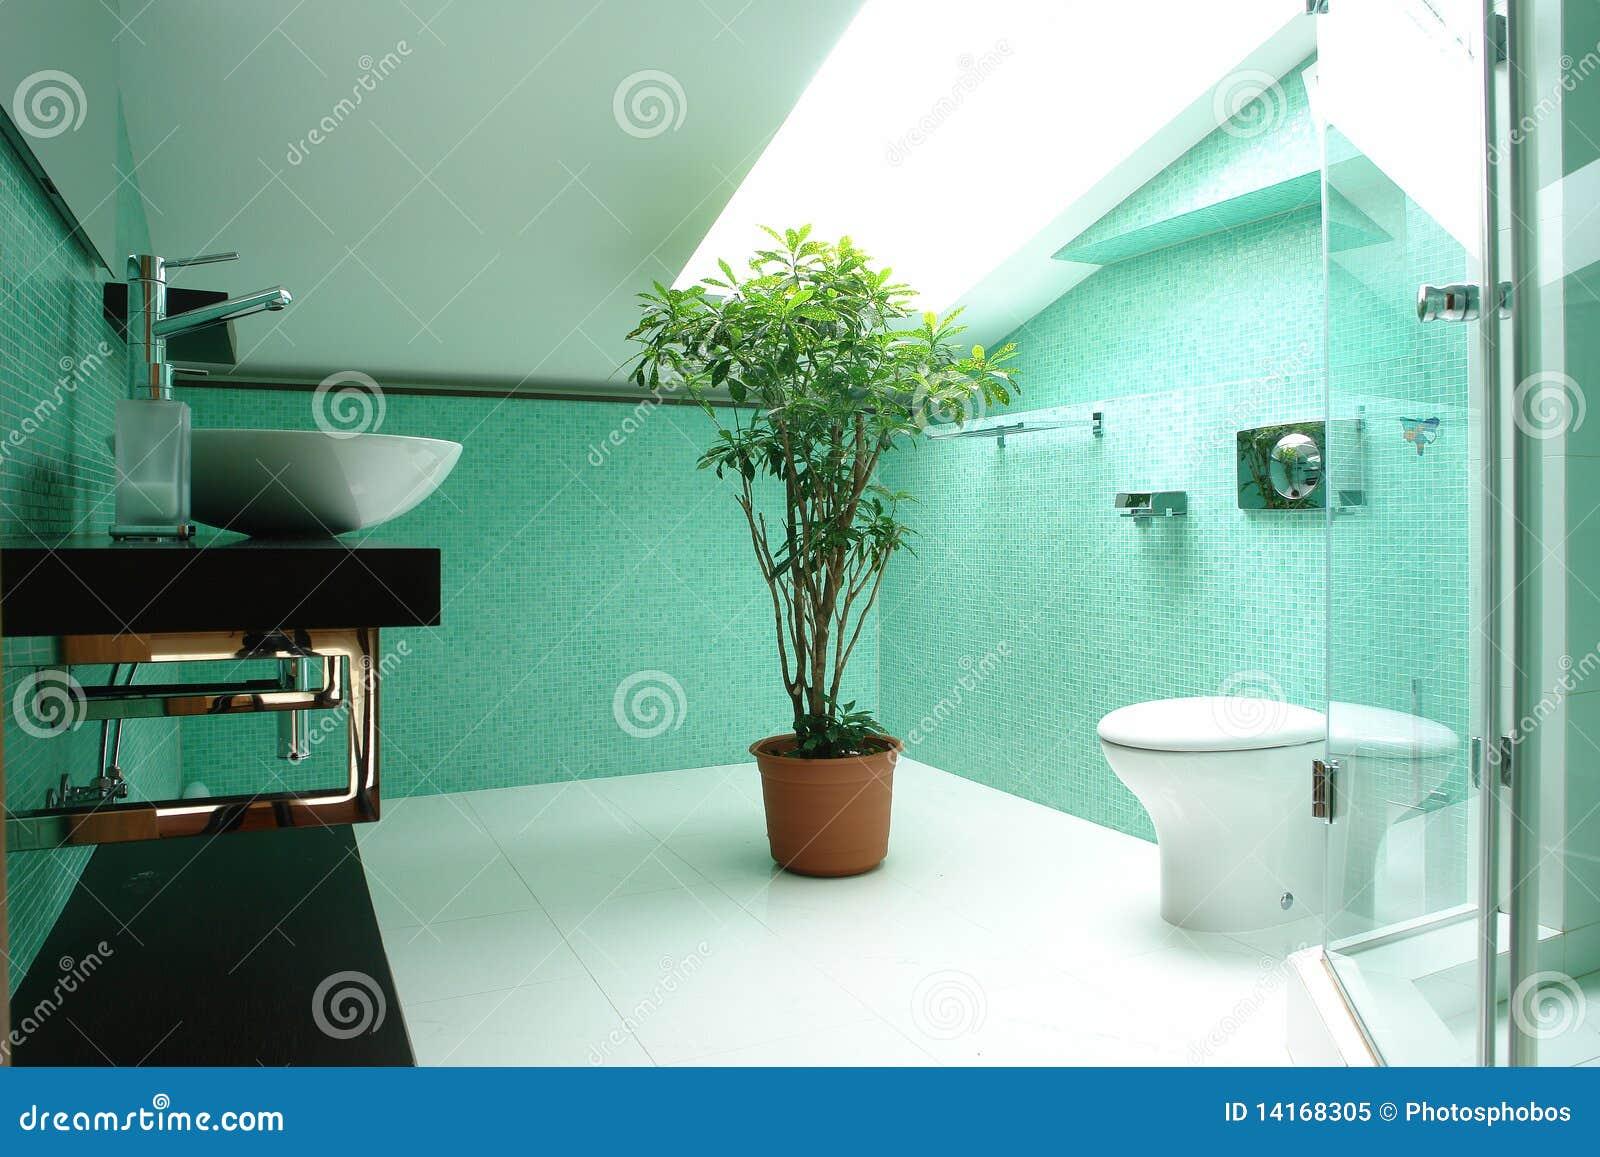 Badkamers in de zolder royalty vrije stock foto beeld for 3d planner zolder